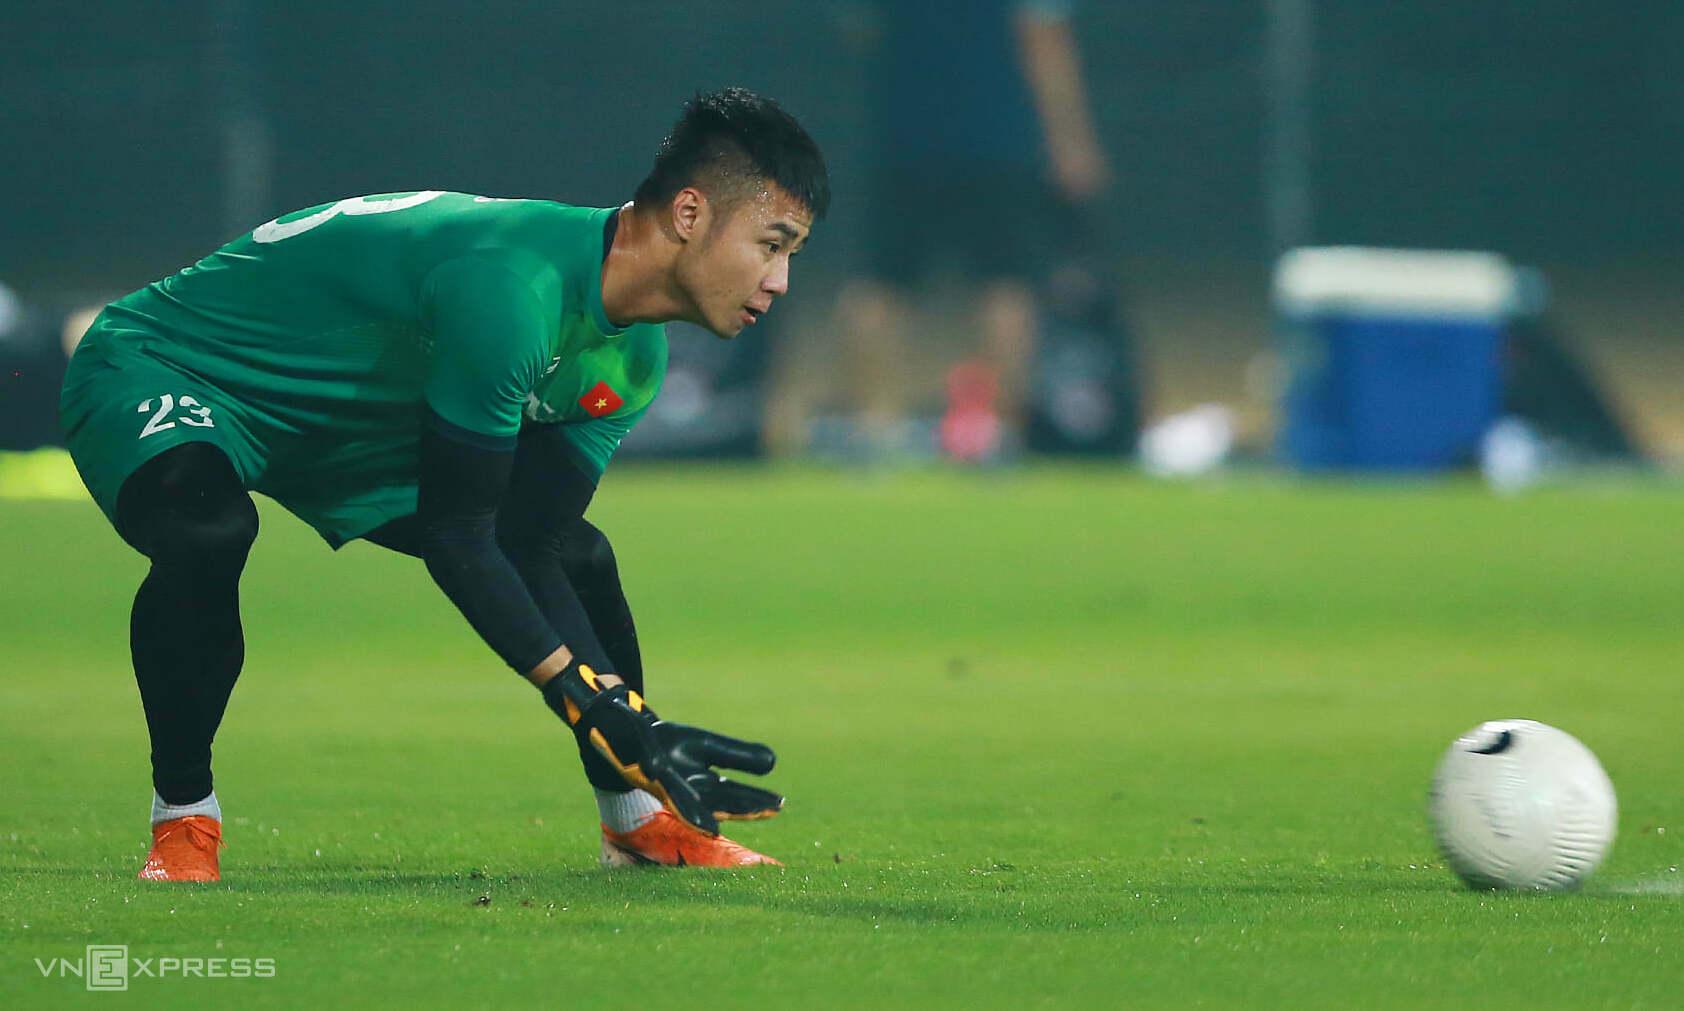 Van Toan bisa memimpin ketimbang Van Lam, tapi Tan Truong juga punya peluang besar.  Foto: Lam Thoa